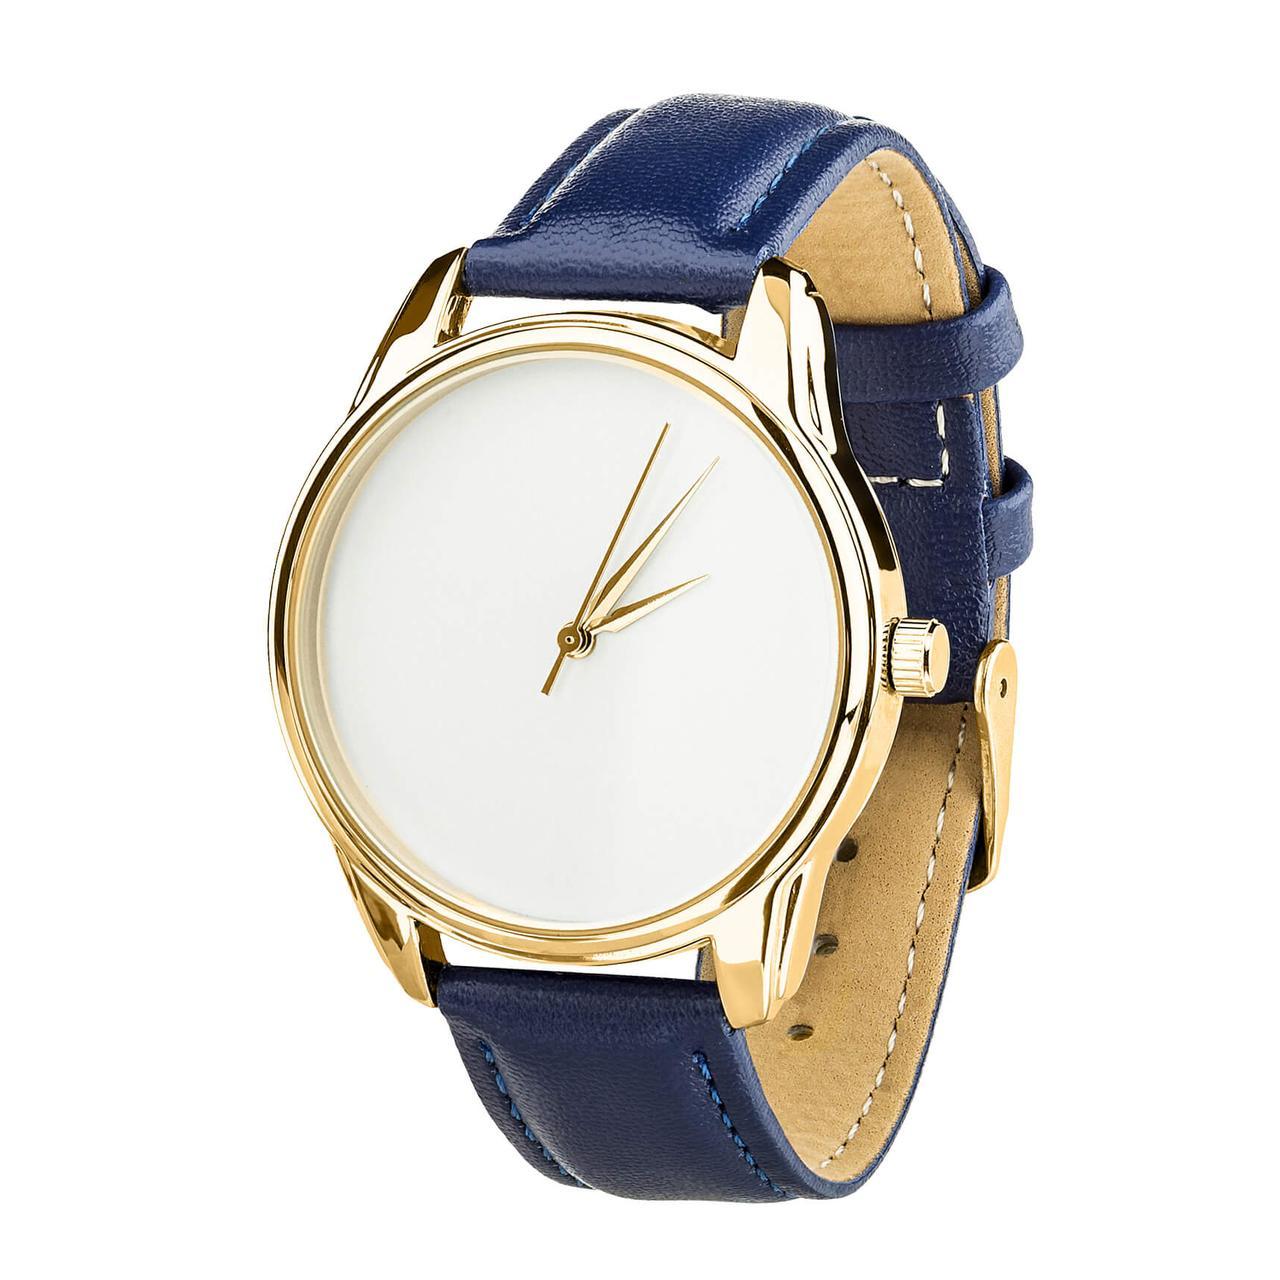 Часы наручные ZIZ Минимализм (ремешок ночная синь, золото) + дополнительный ремешок